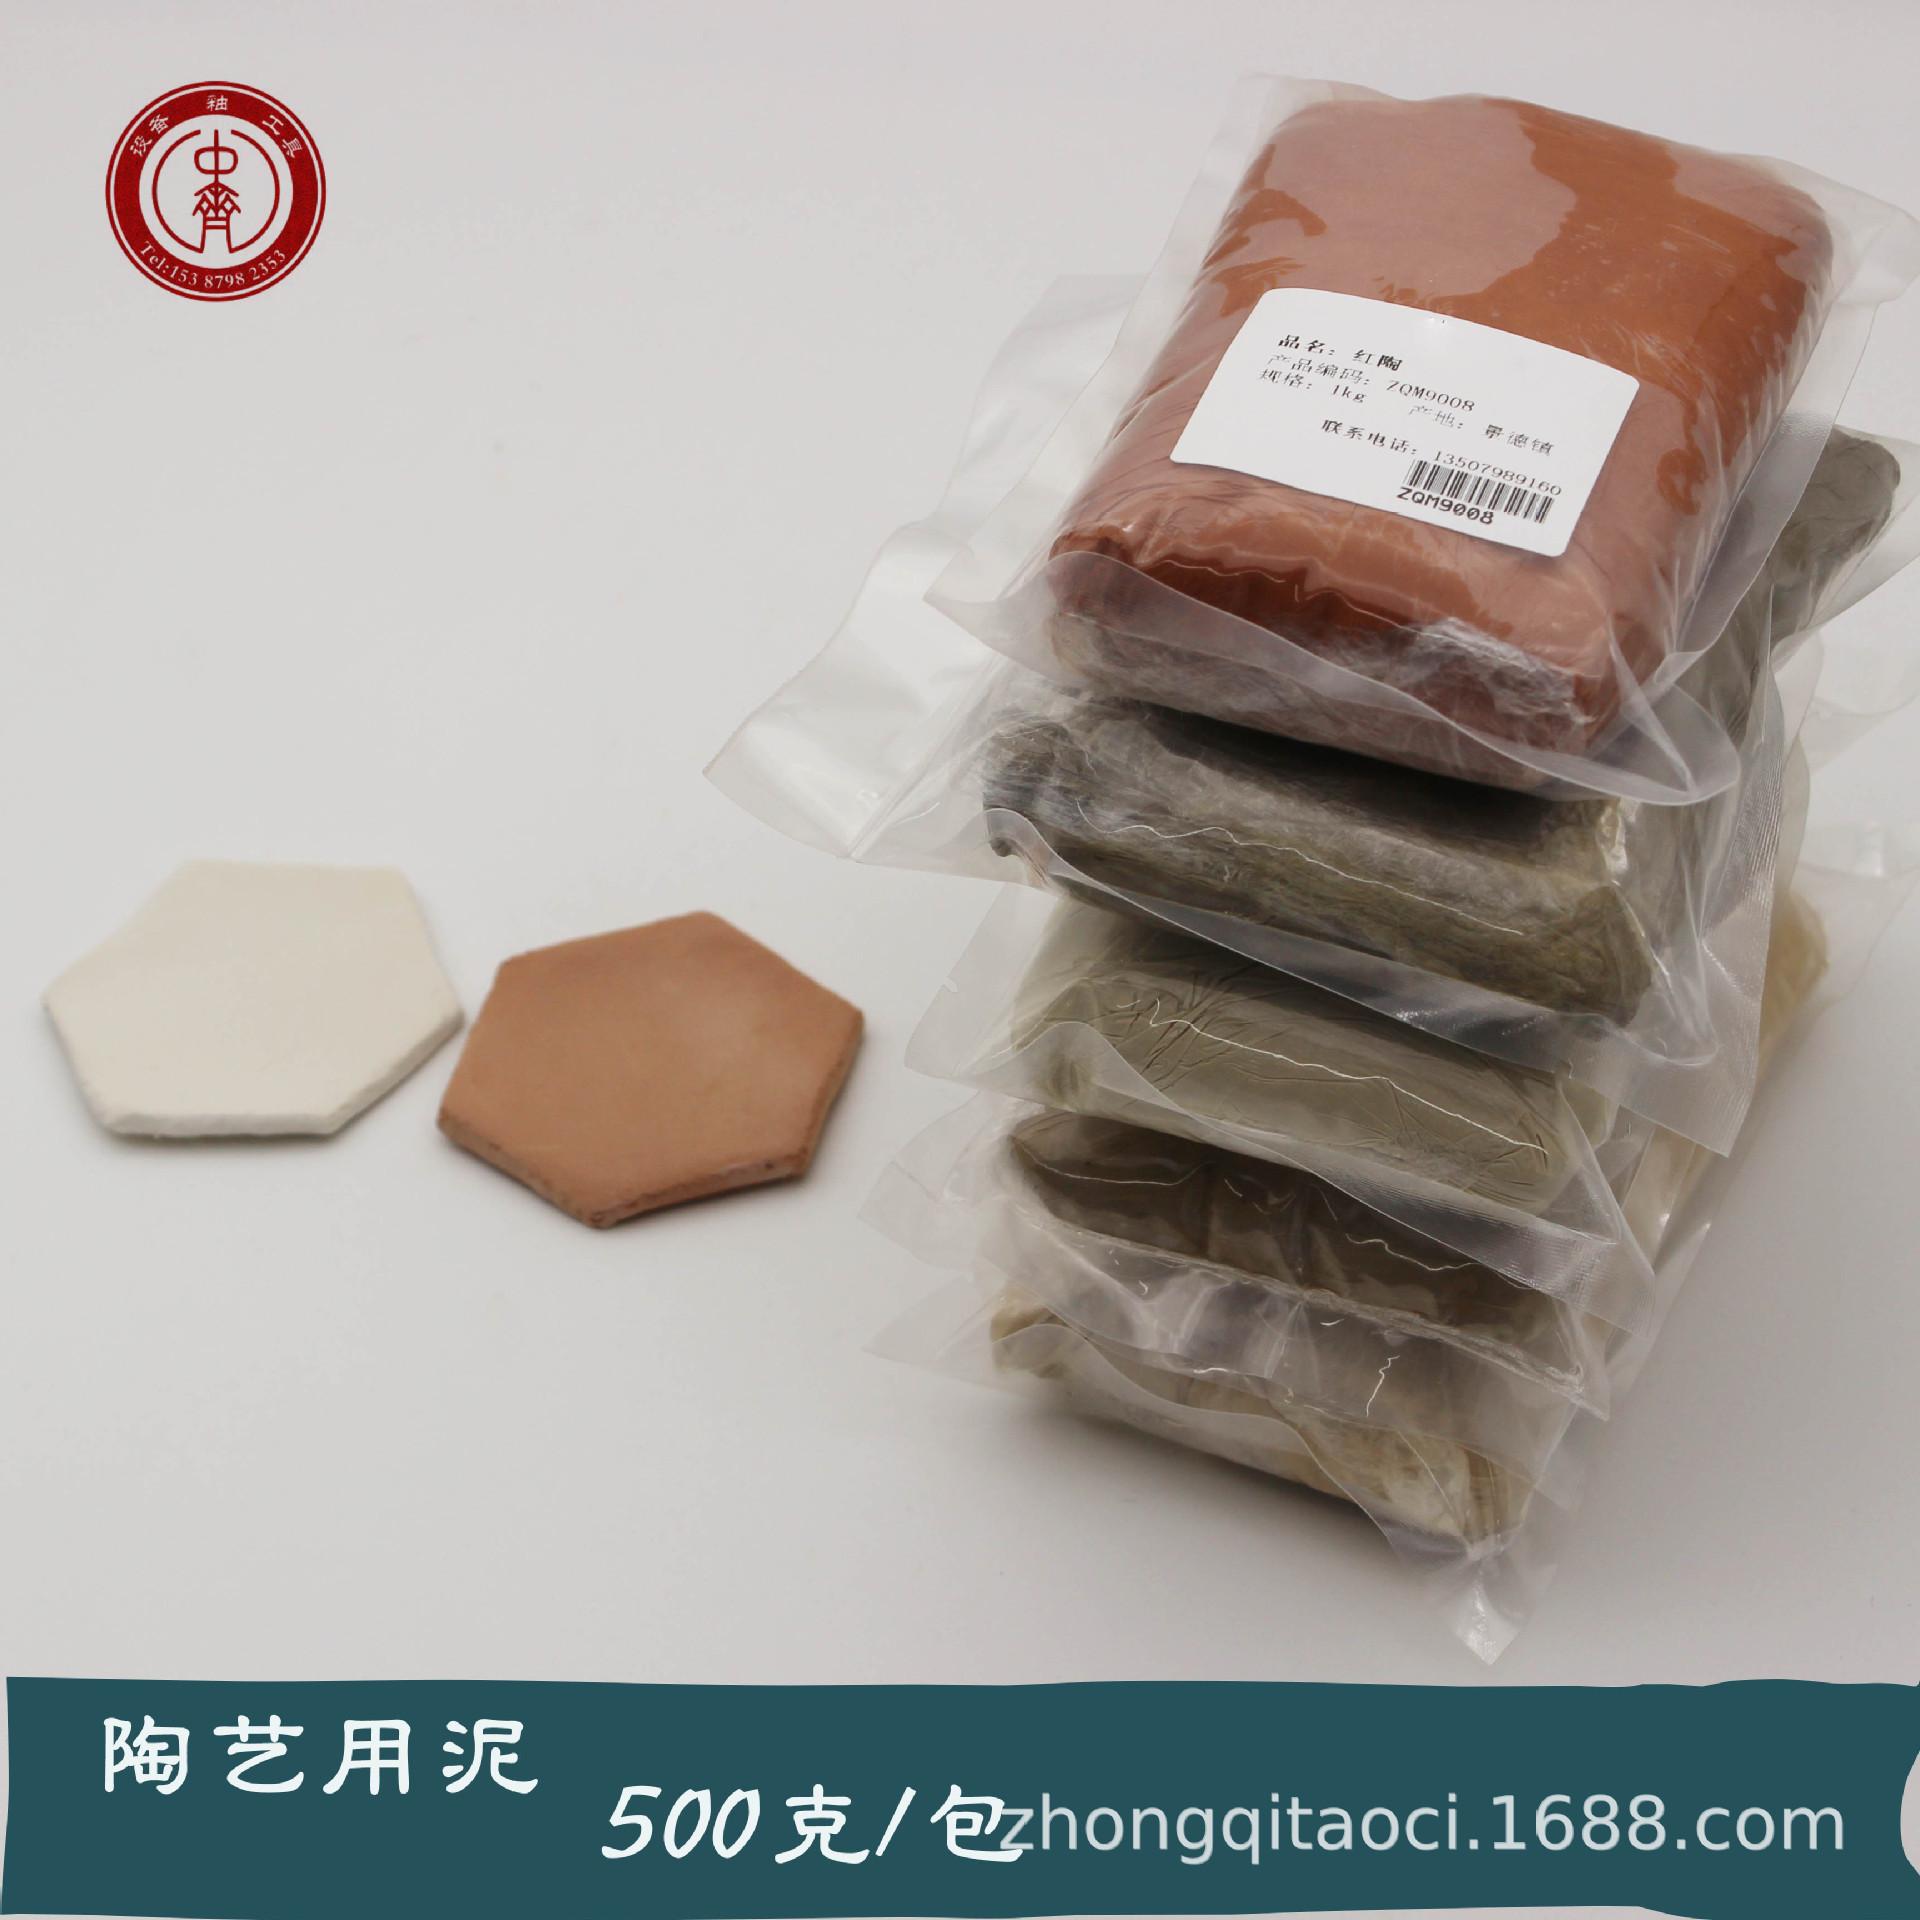 厂家直销 高白泥各类瓷泥陶泥 独立包装 陶艺陶吧教学用泥 500克